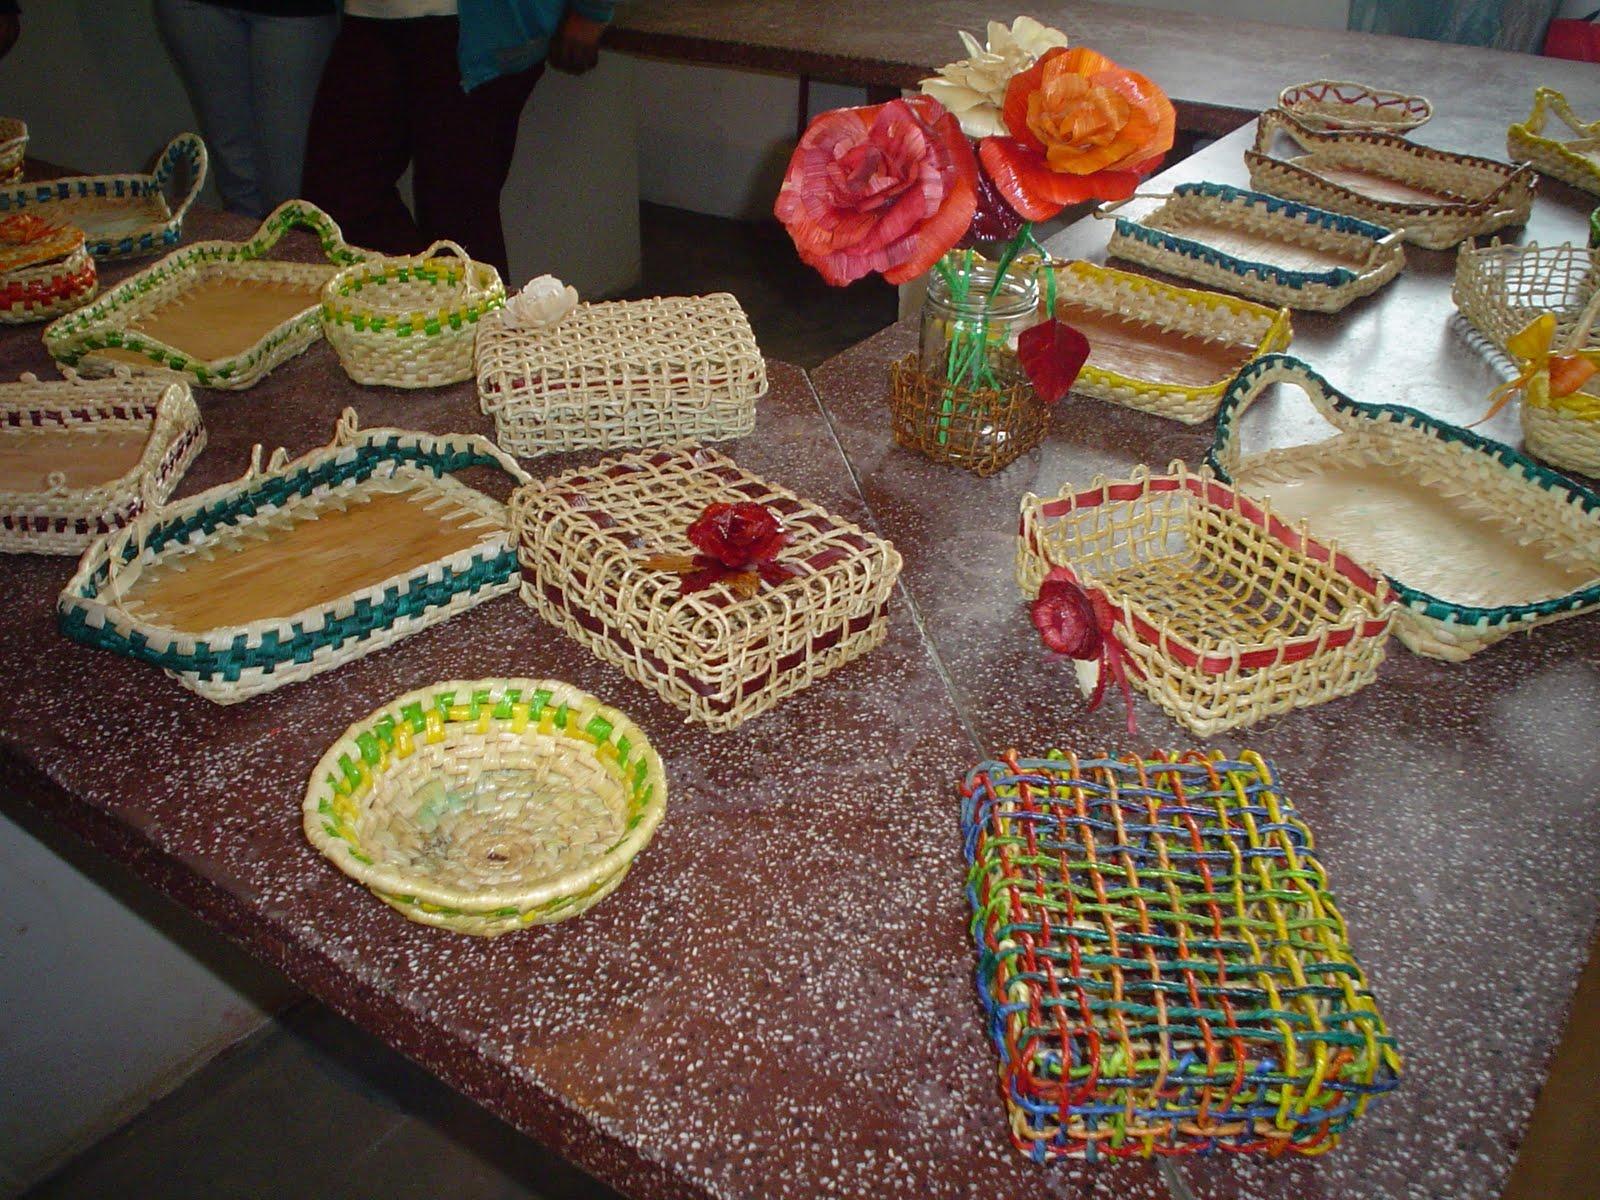 Curso Artesanato Sorocaba ~ Território Adentro Artesanato transforma palha de milho em negócio lucrativo para produtores rurais